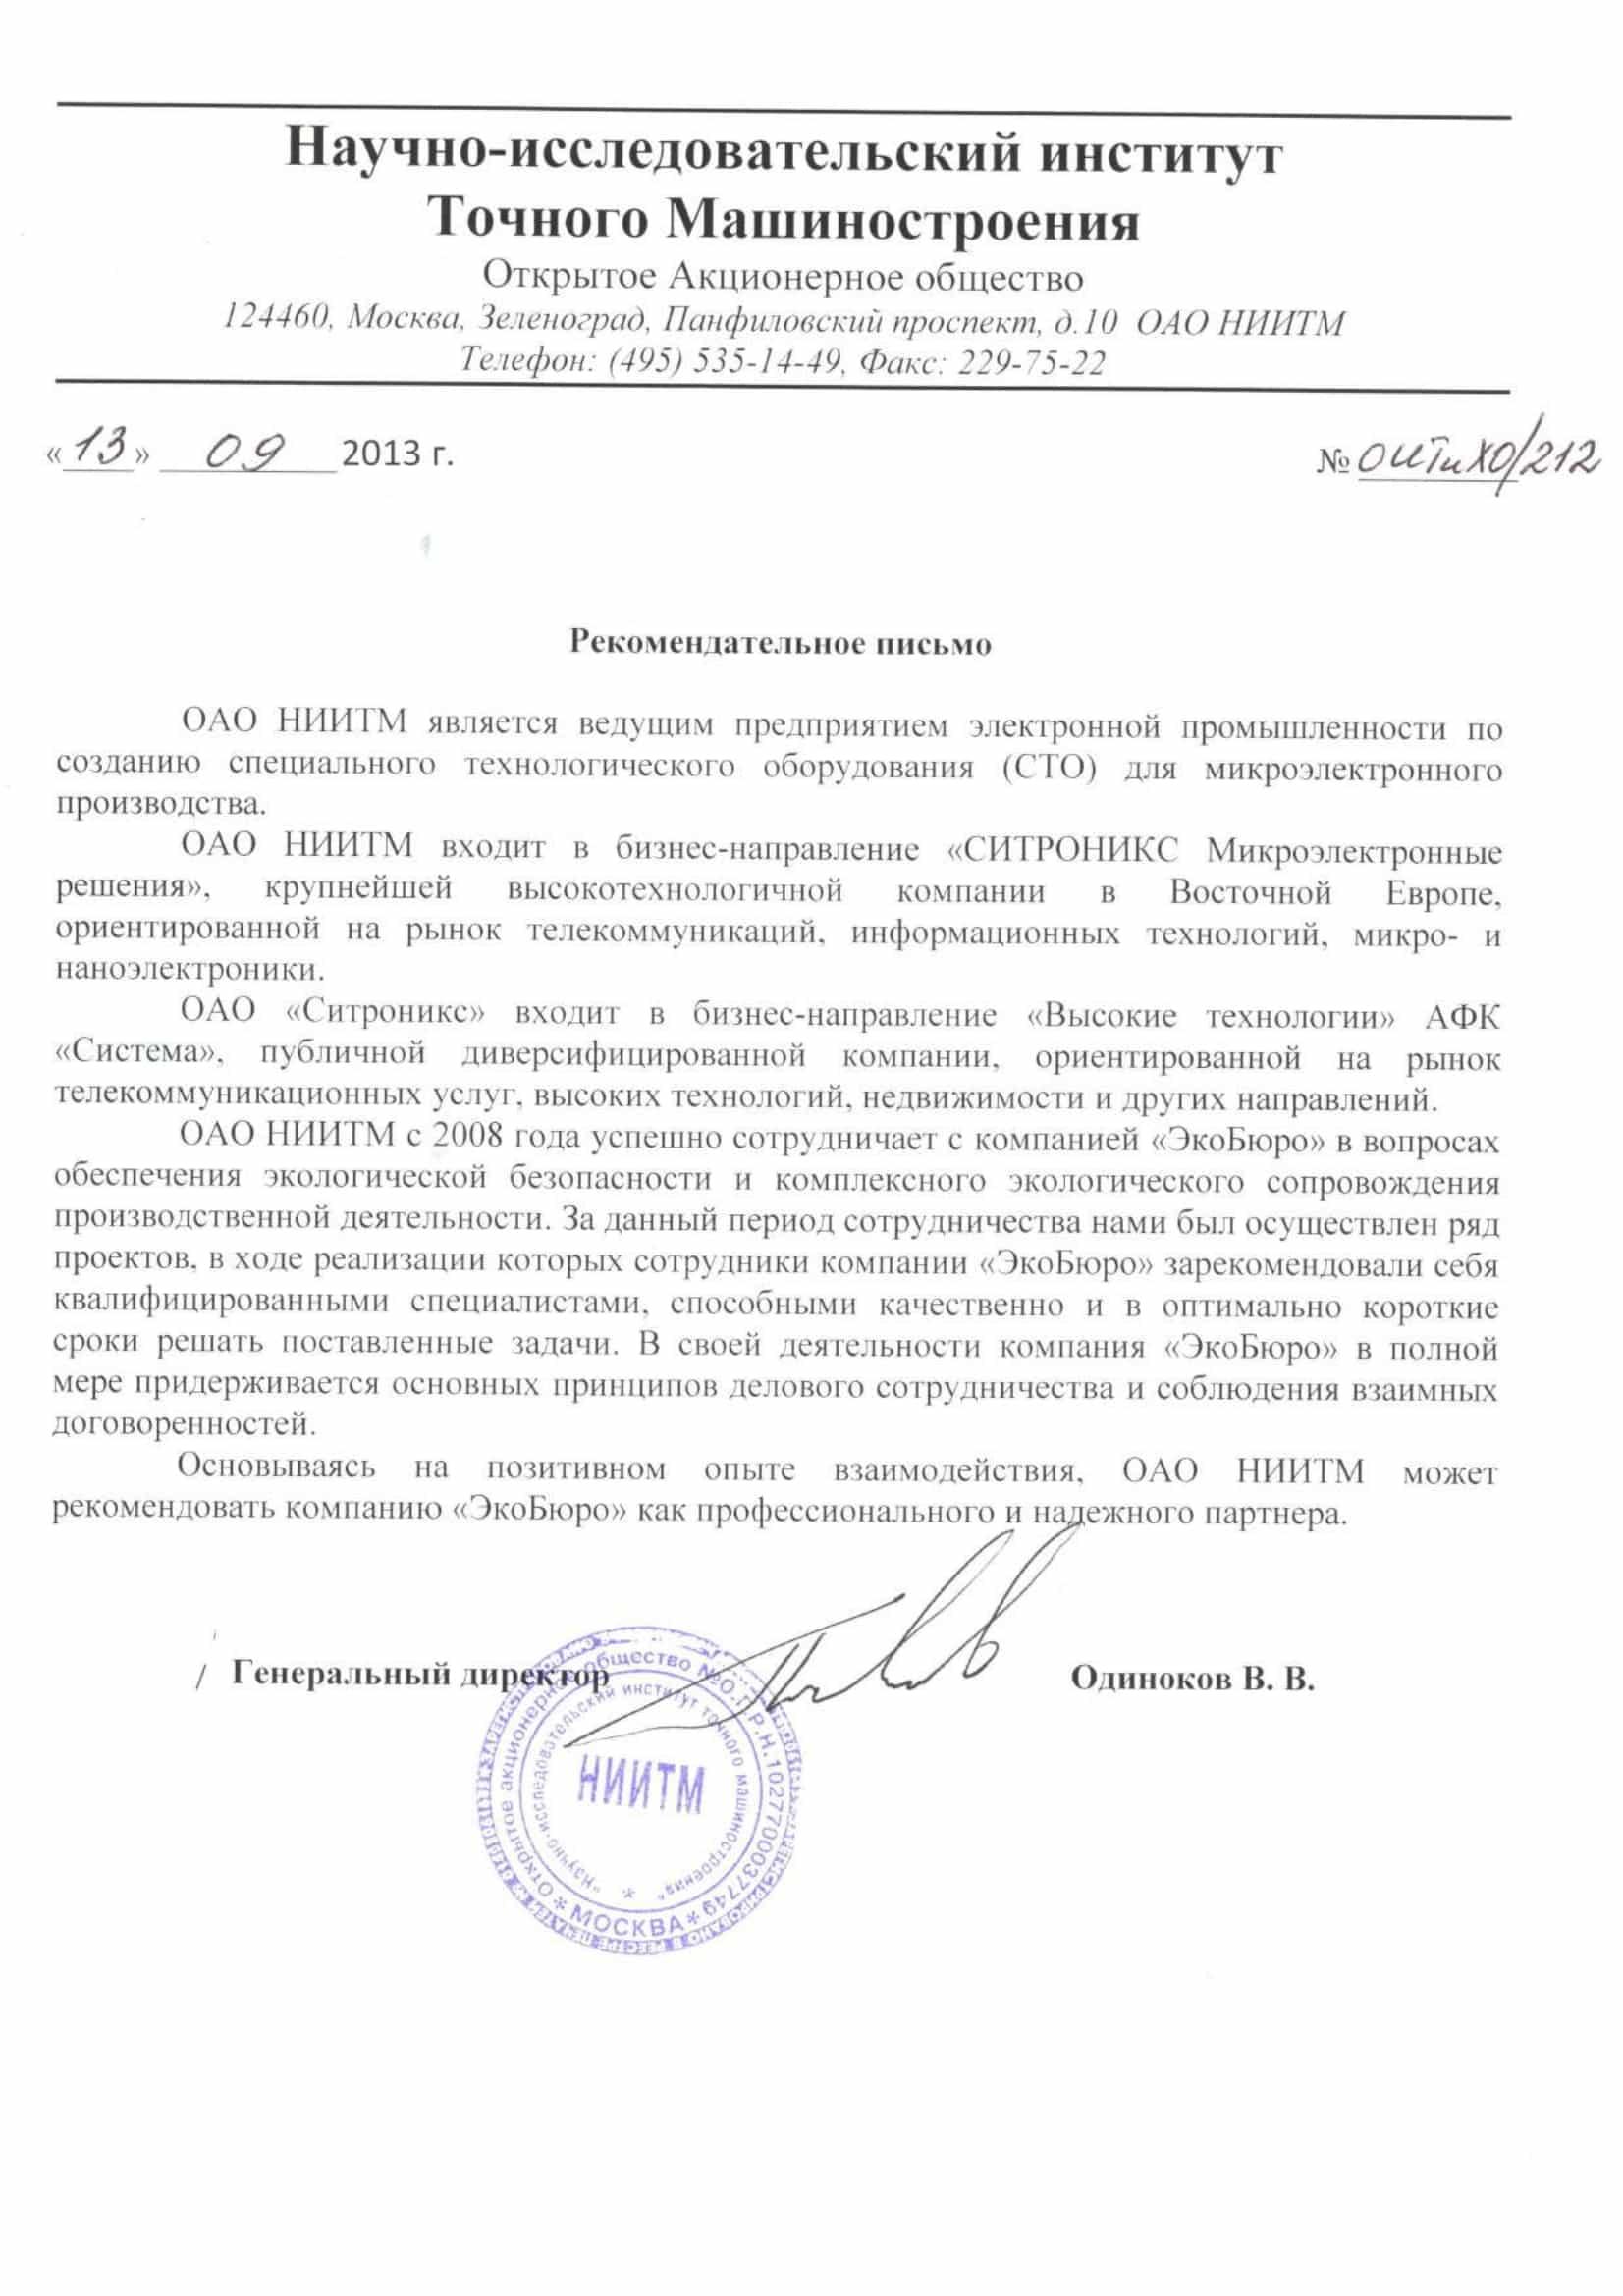 Рекомендательное письмо НИИТМ